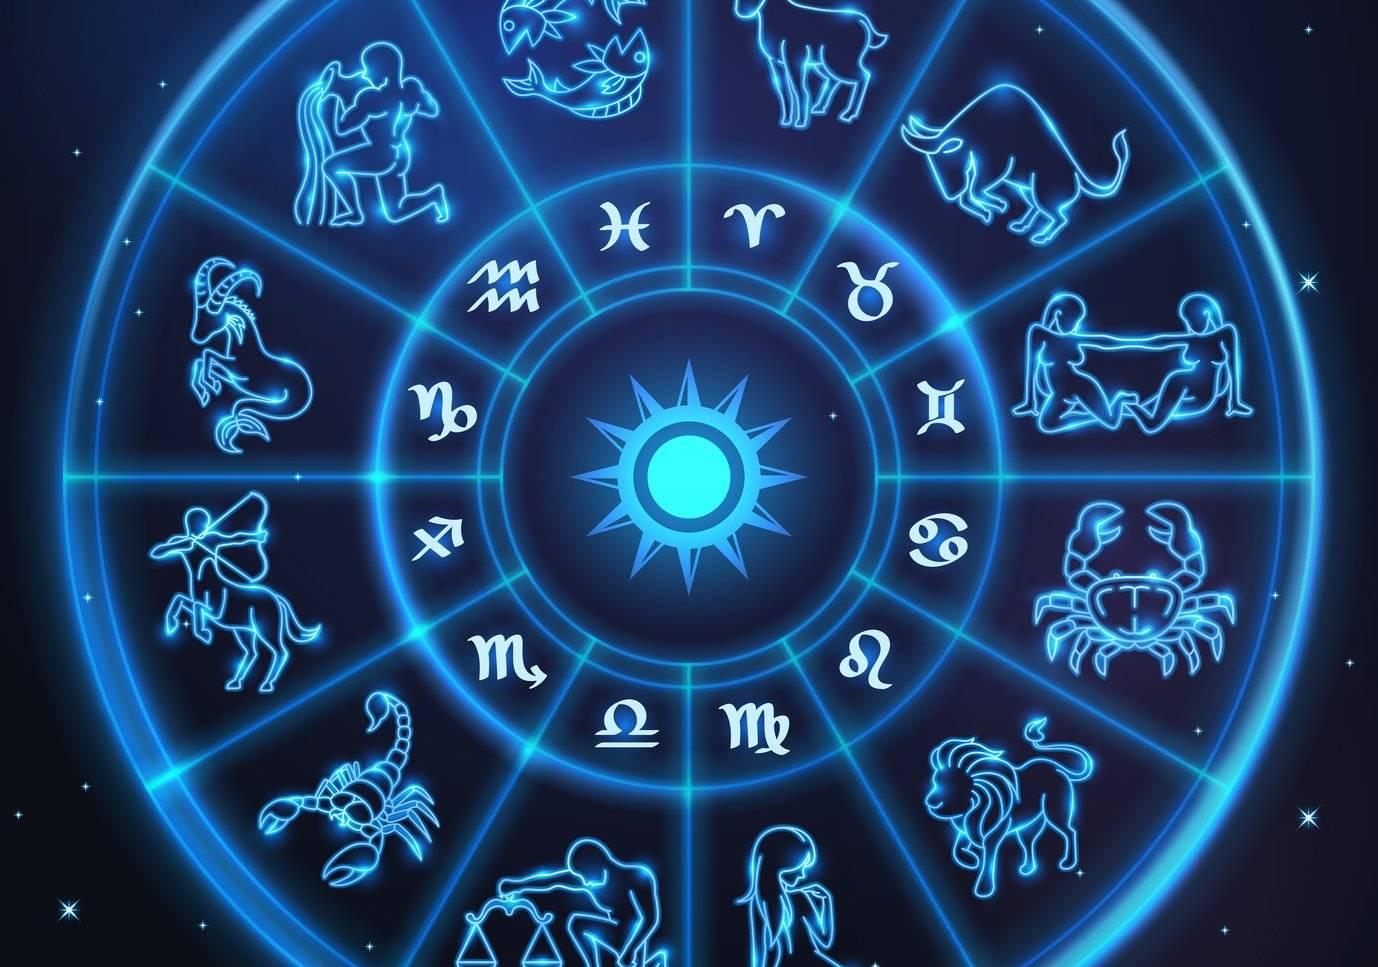 Скорпион: гороскоп работы и карьеры на декабрь 2020